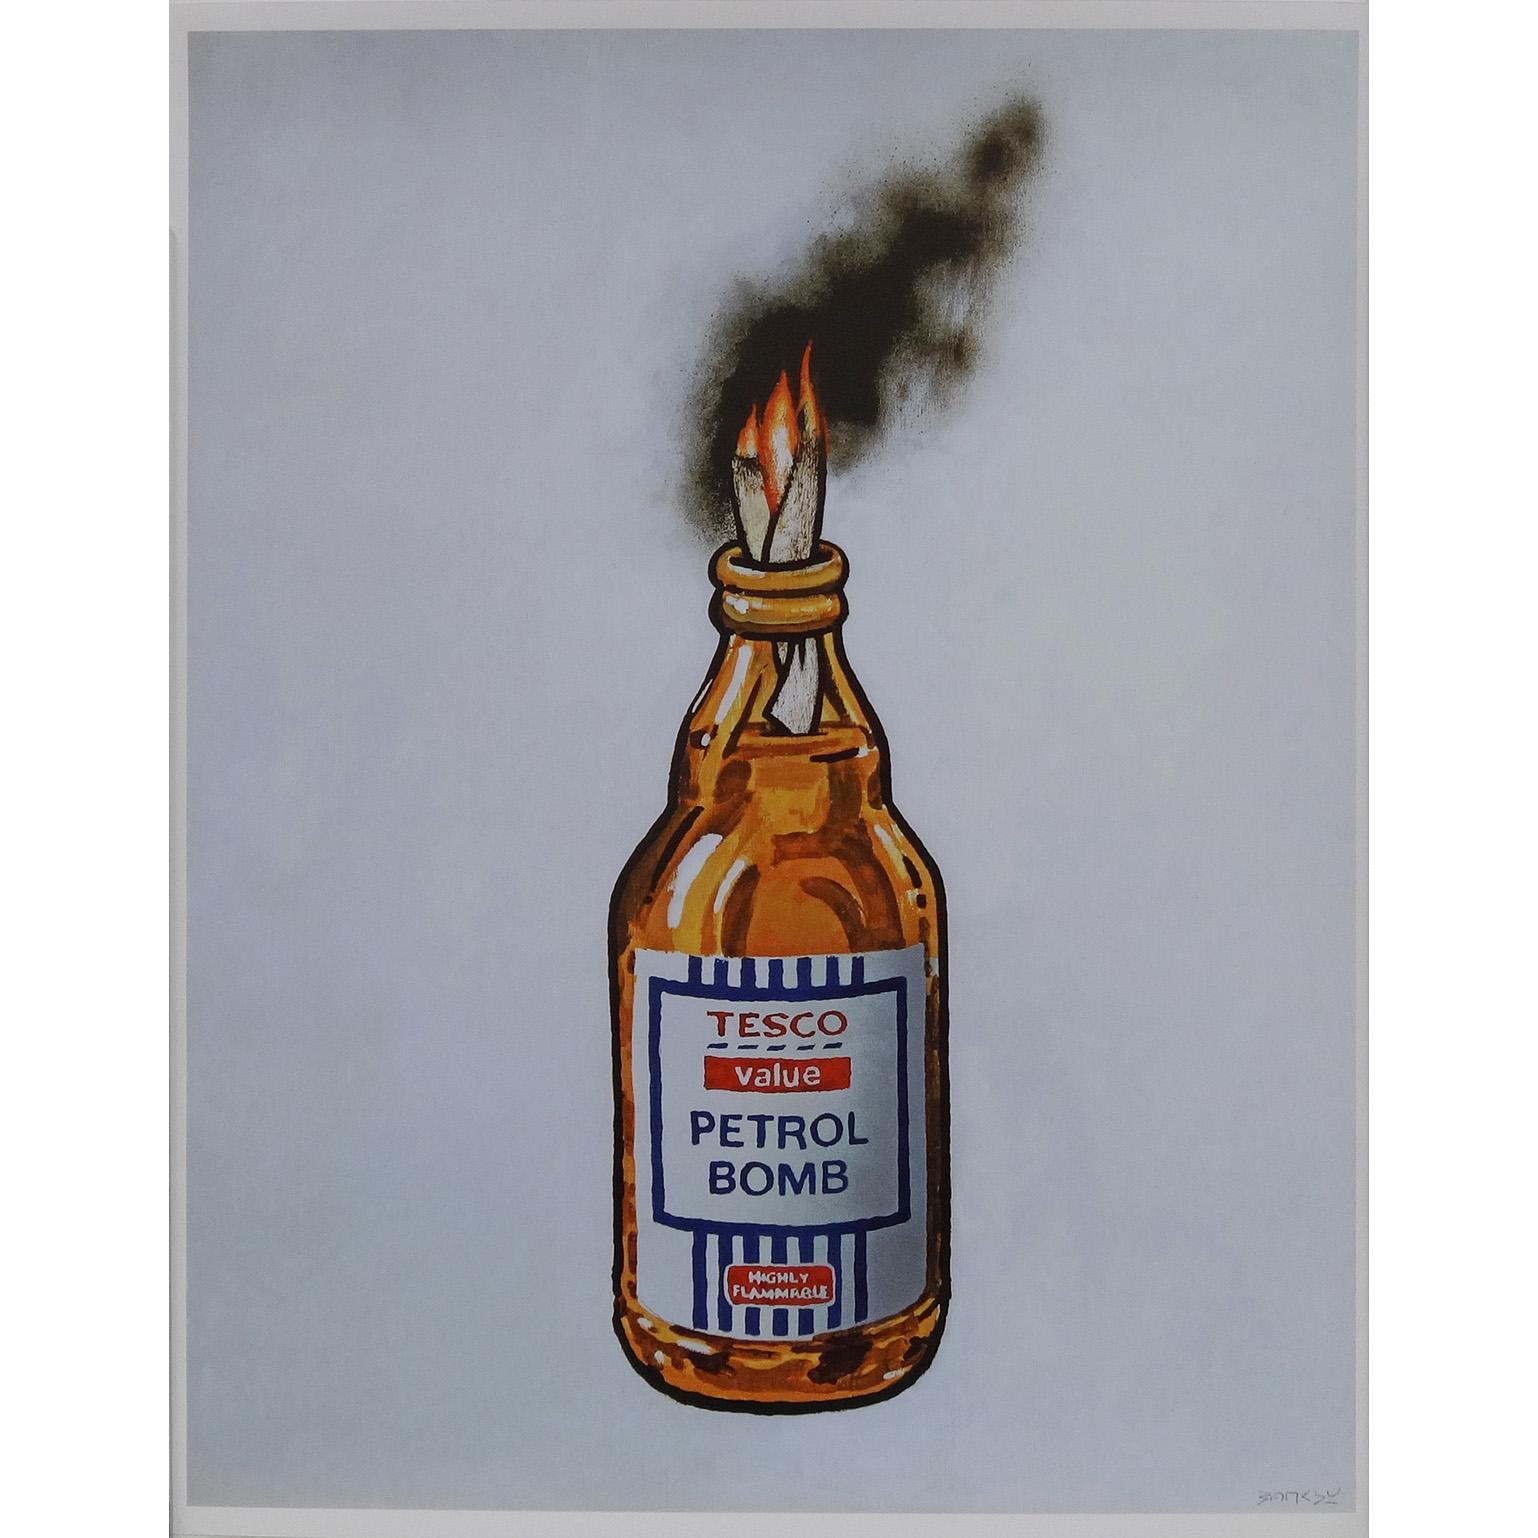 石油爆弾/TESCO PETROL BOMB